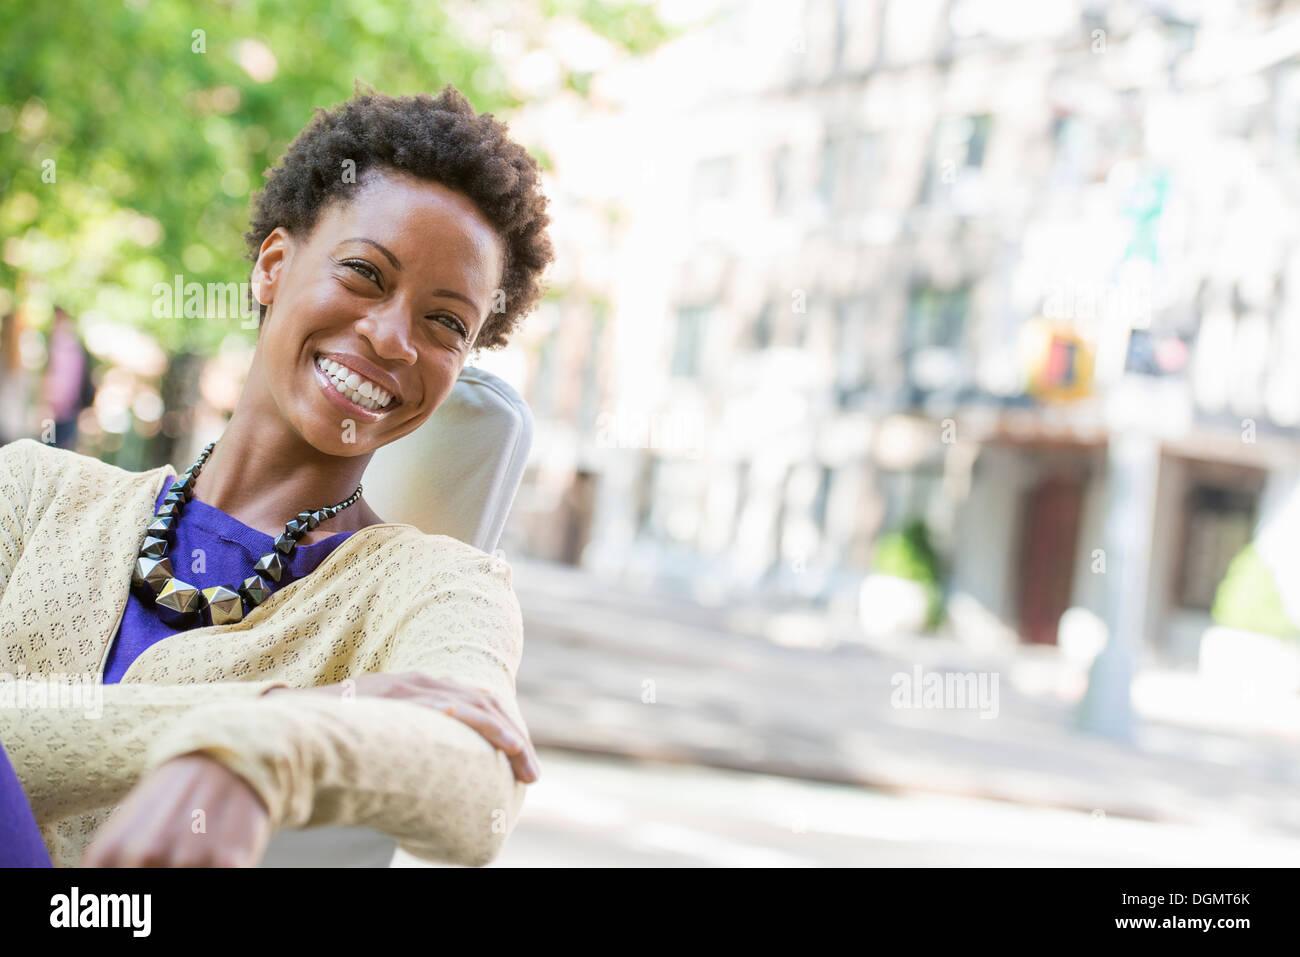 La vida de la ciudad. Una mujer sentada al aire libre en un parque de la ciudad. Imagen De Stock